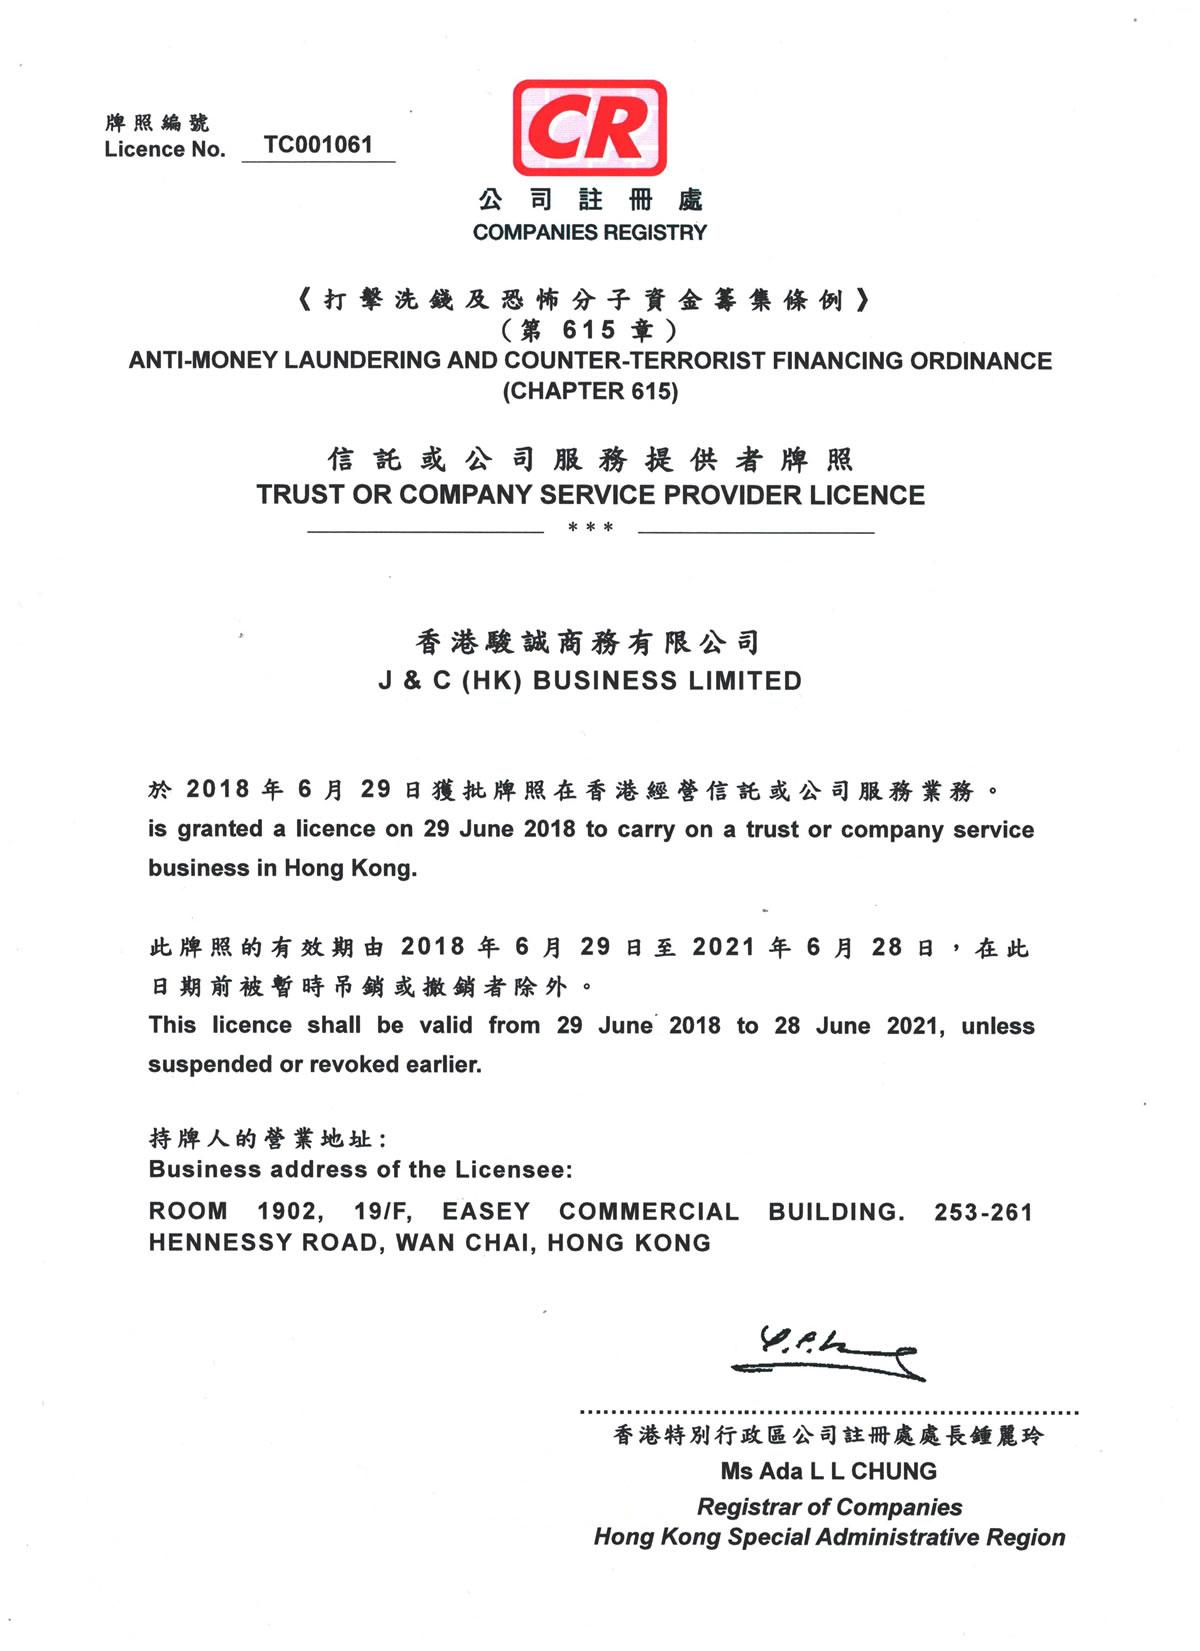 香港信托或公司服務提供者牌照樣本